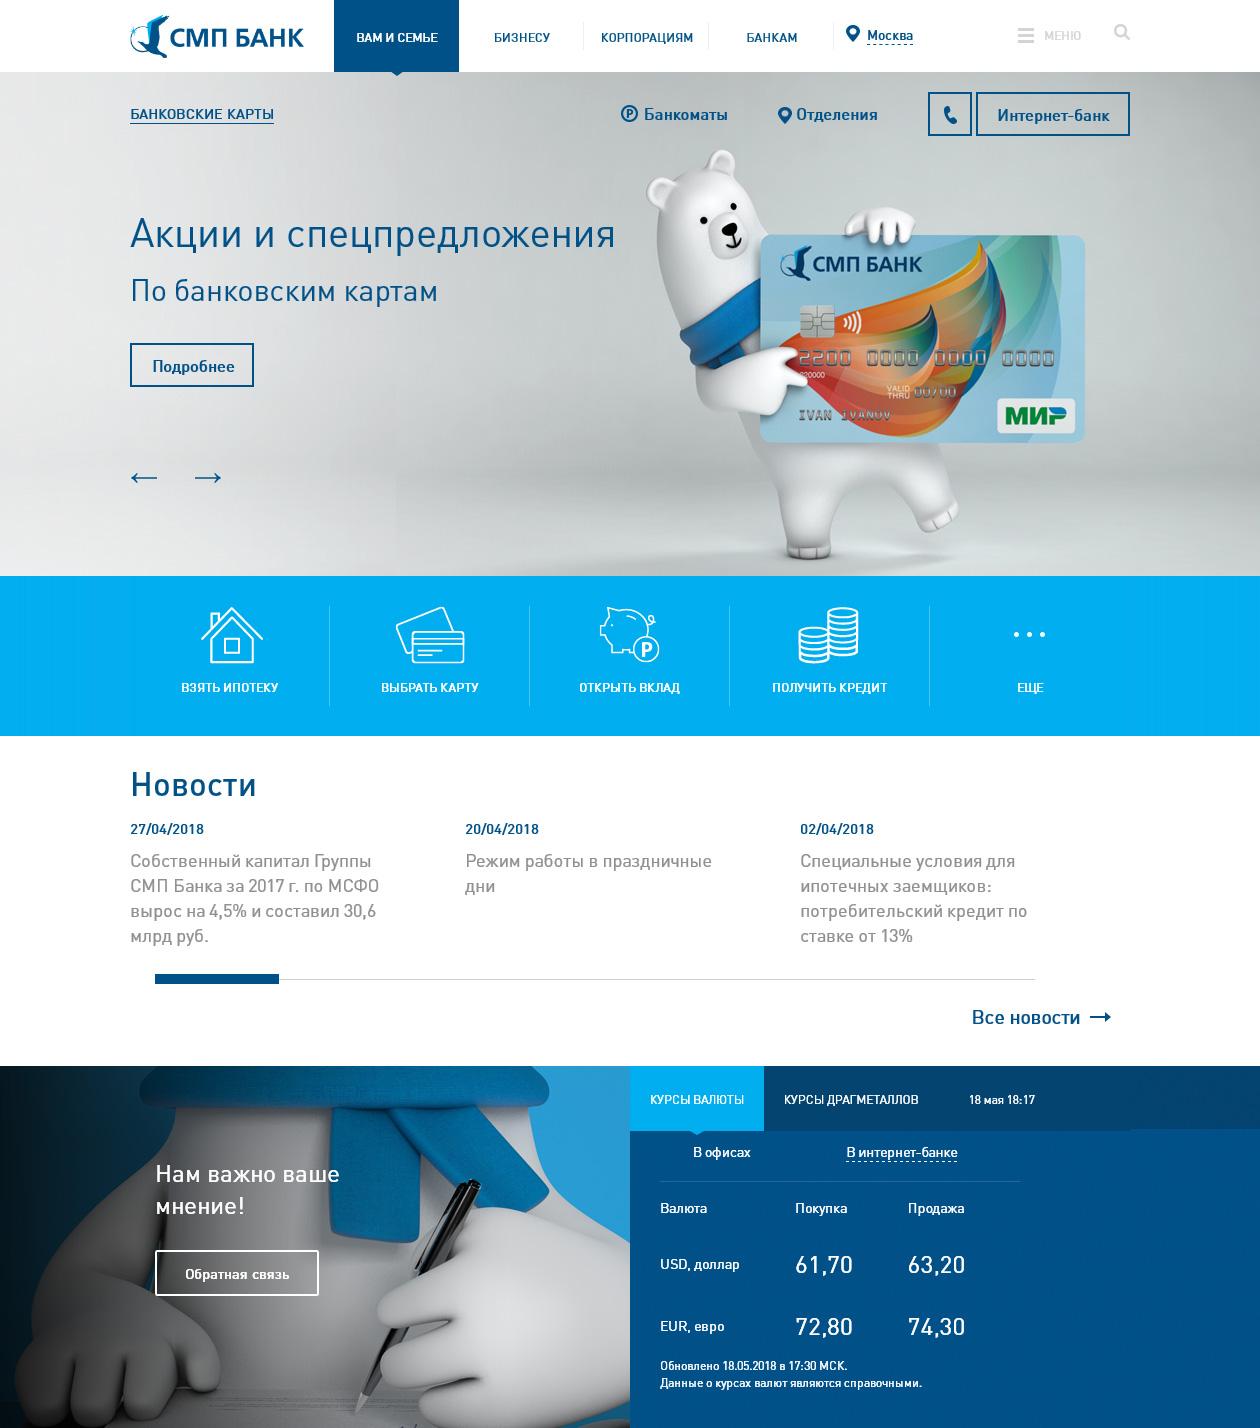 Официальный сайт СМП-Банка